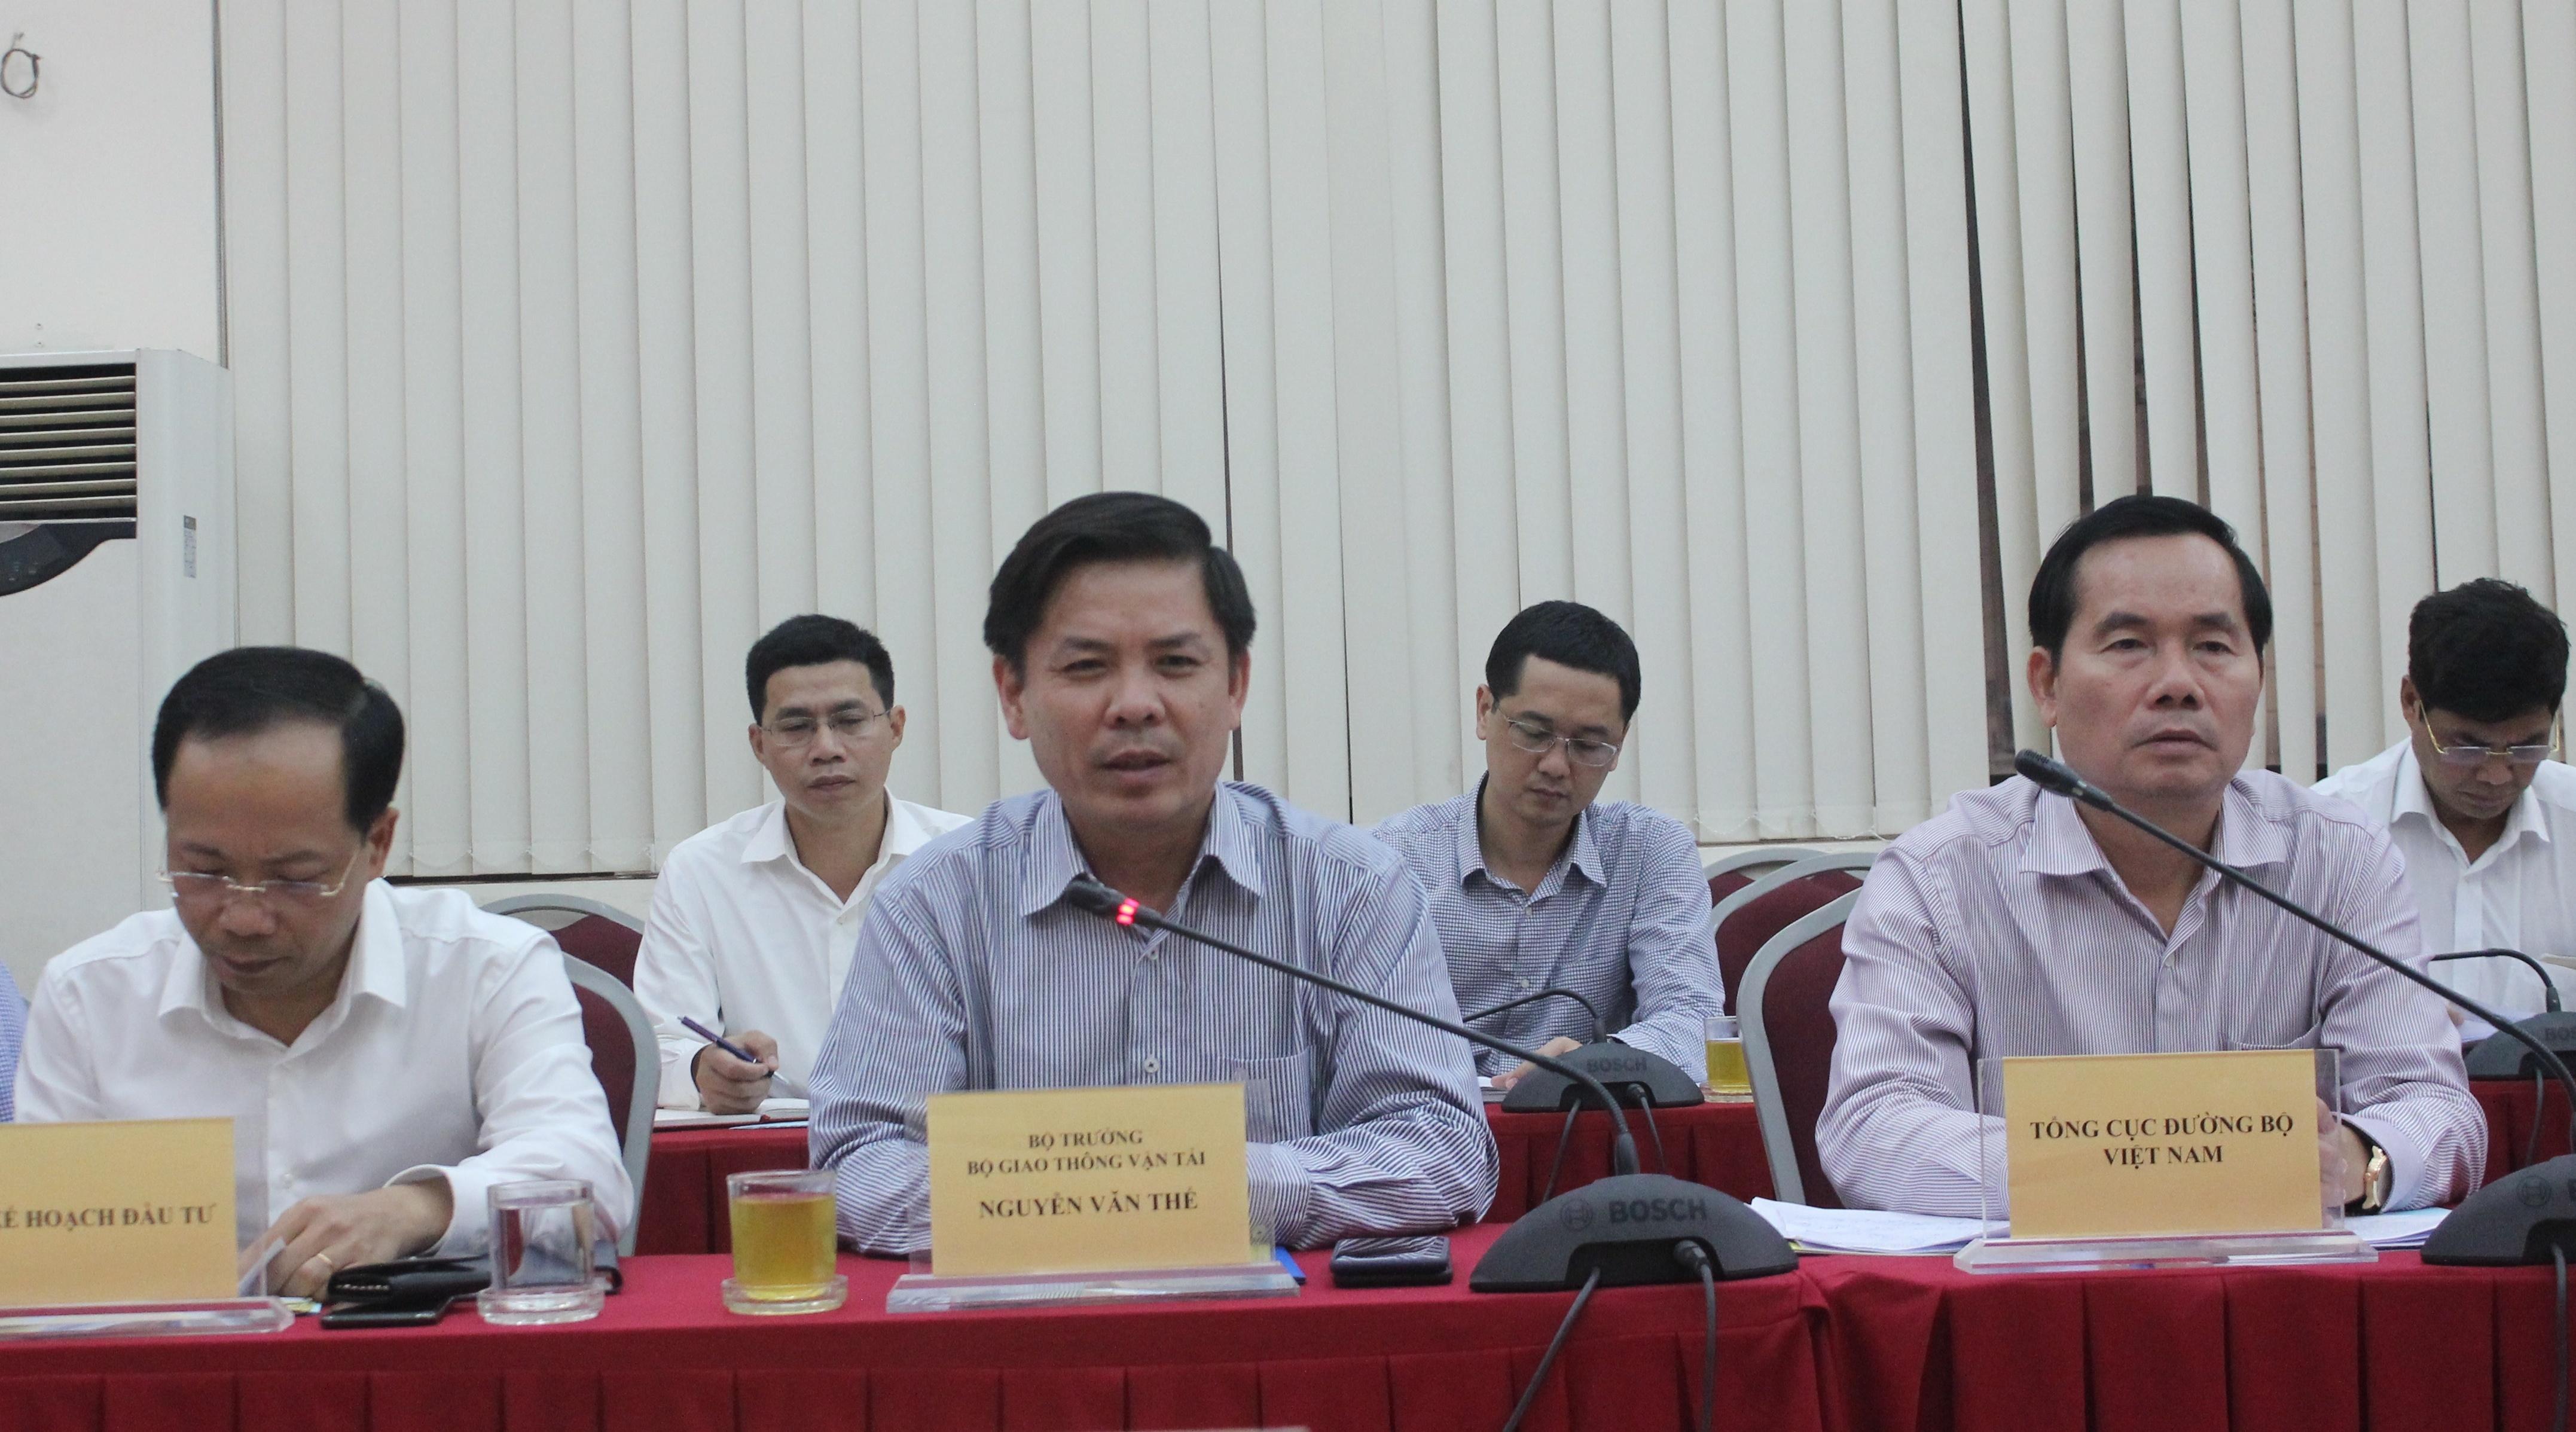 Bộ trưởng Nguyễn Văn Thể phát biểu tại buổi làm việc với lãnh đạo tỉnh Kiên Giang chiều 18/11